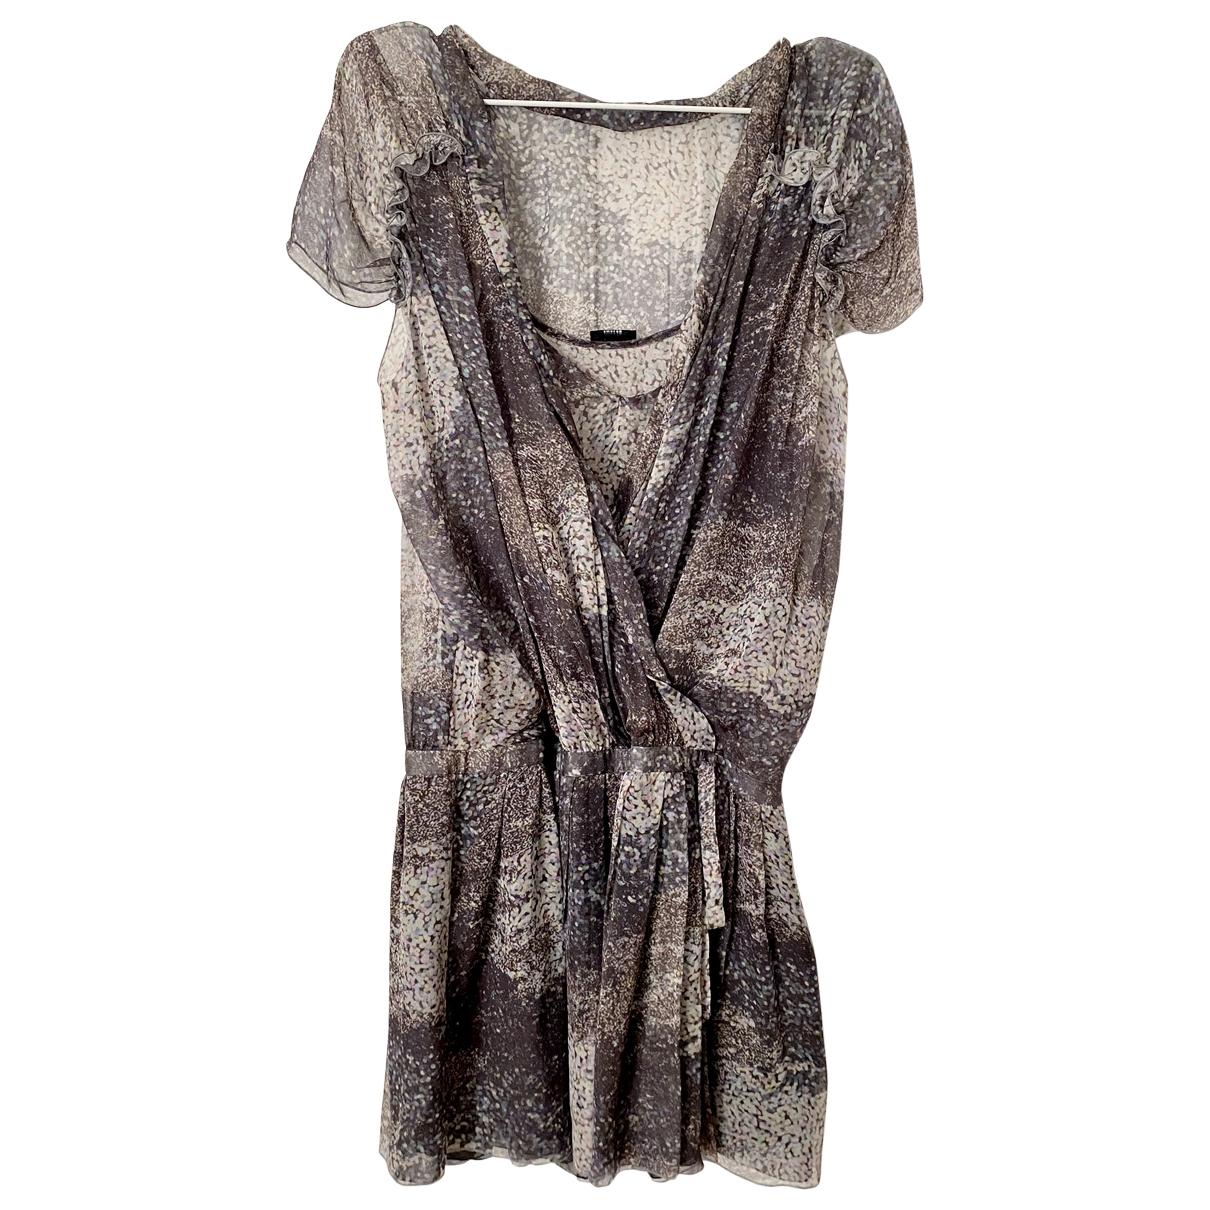 Joseph - Robe   pour femme en soie - multicolore